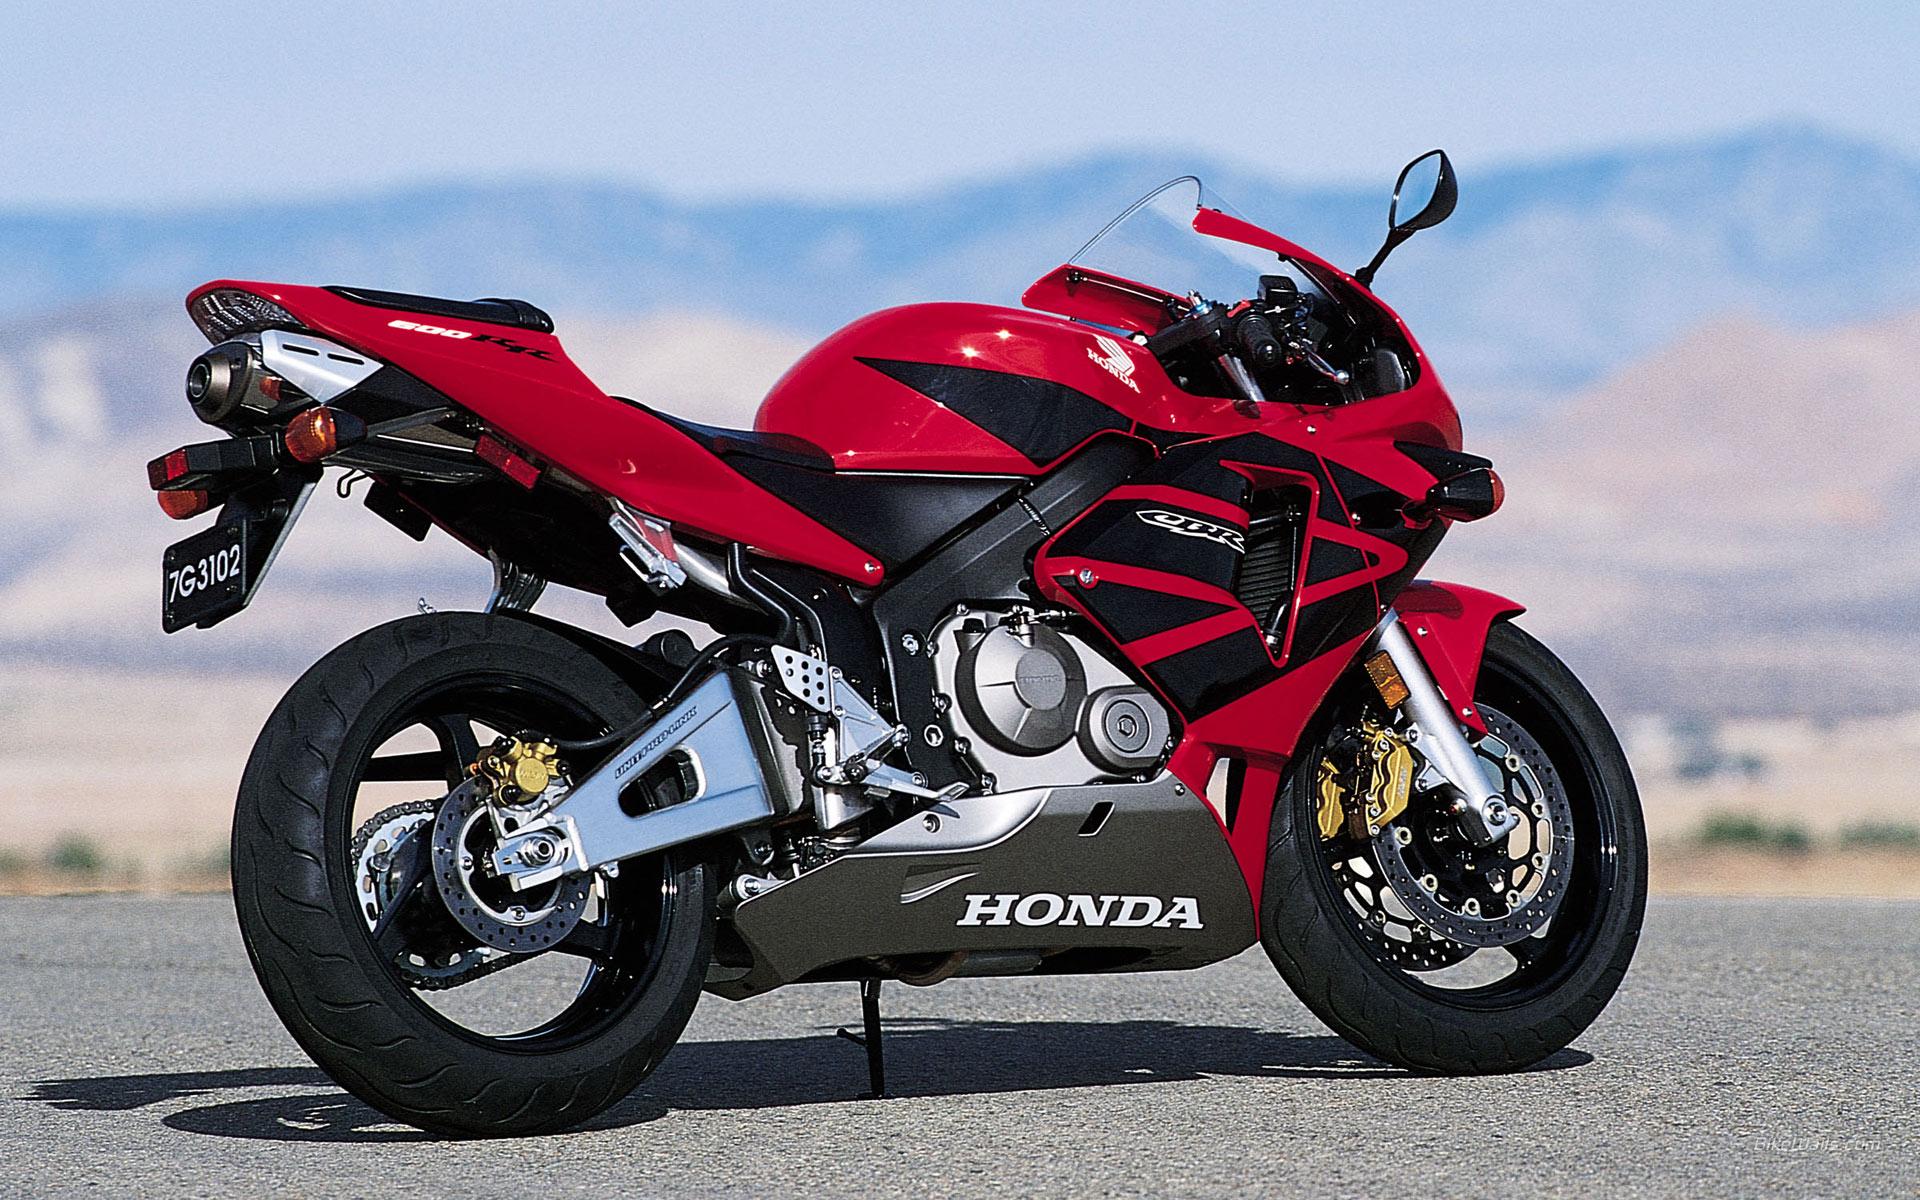 Honda CBR 600RR wallpaper 1920x1200